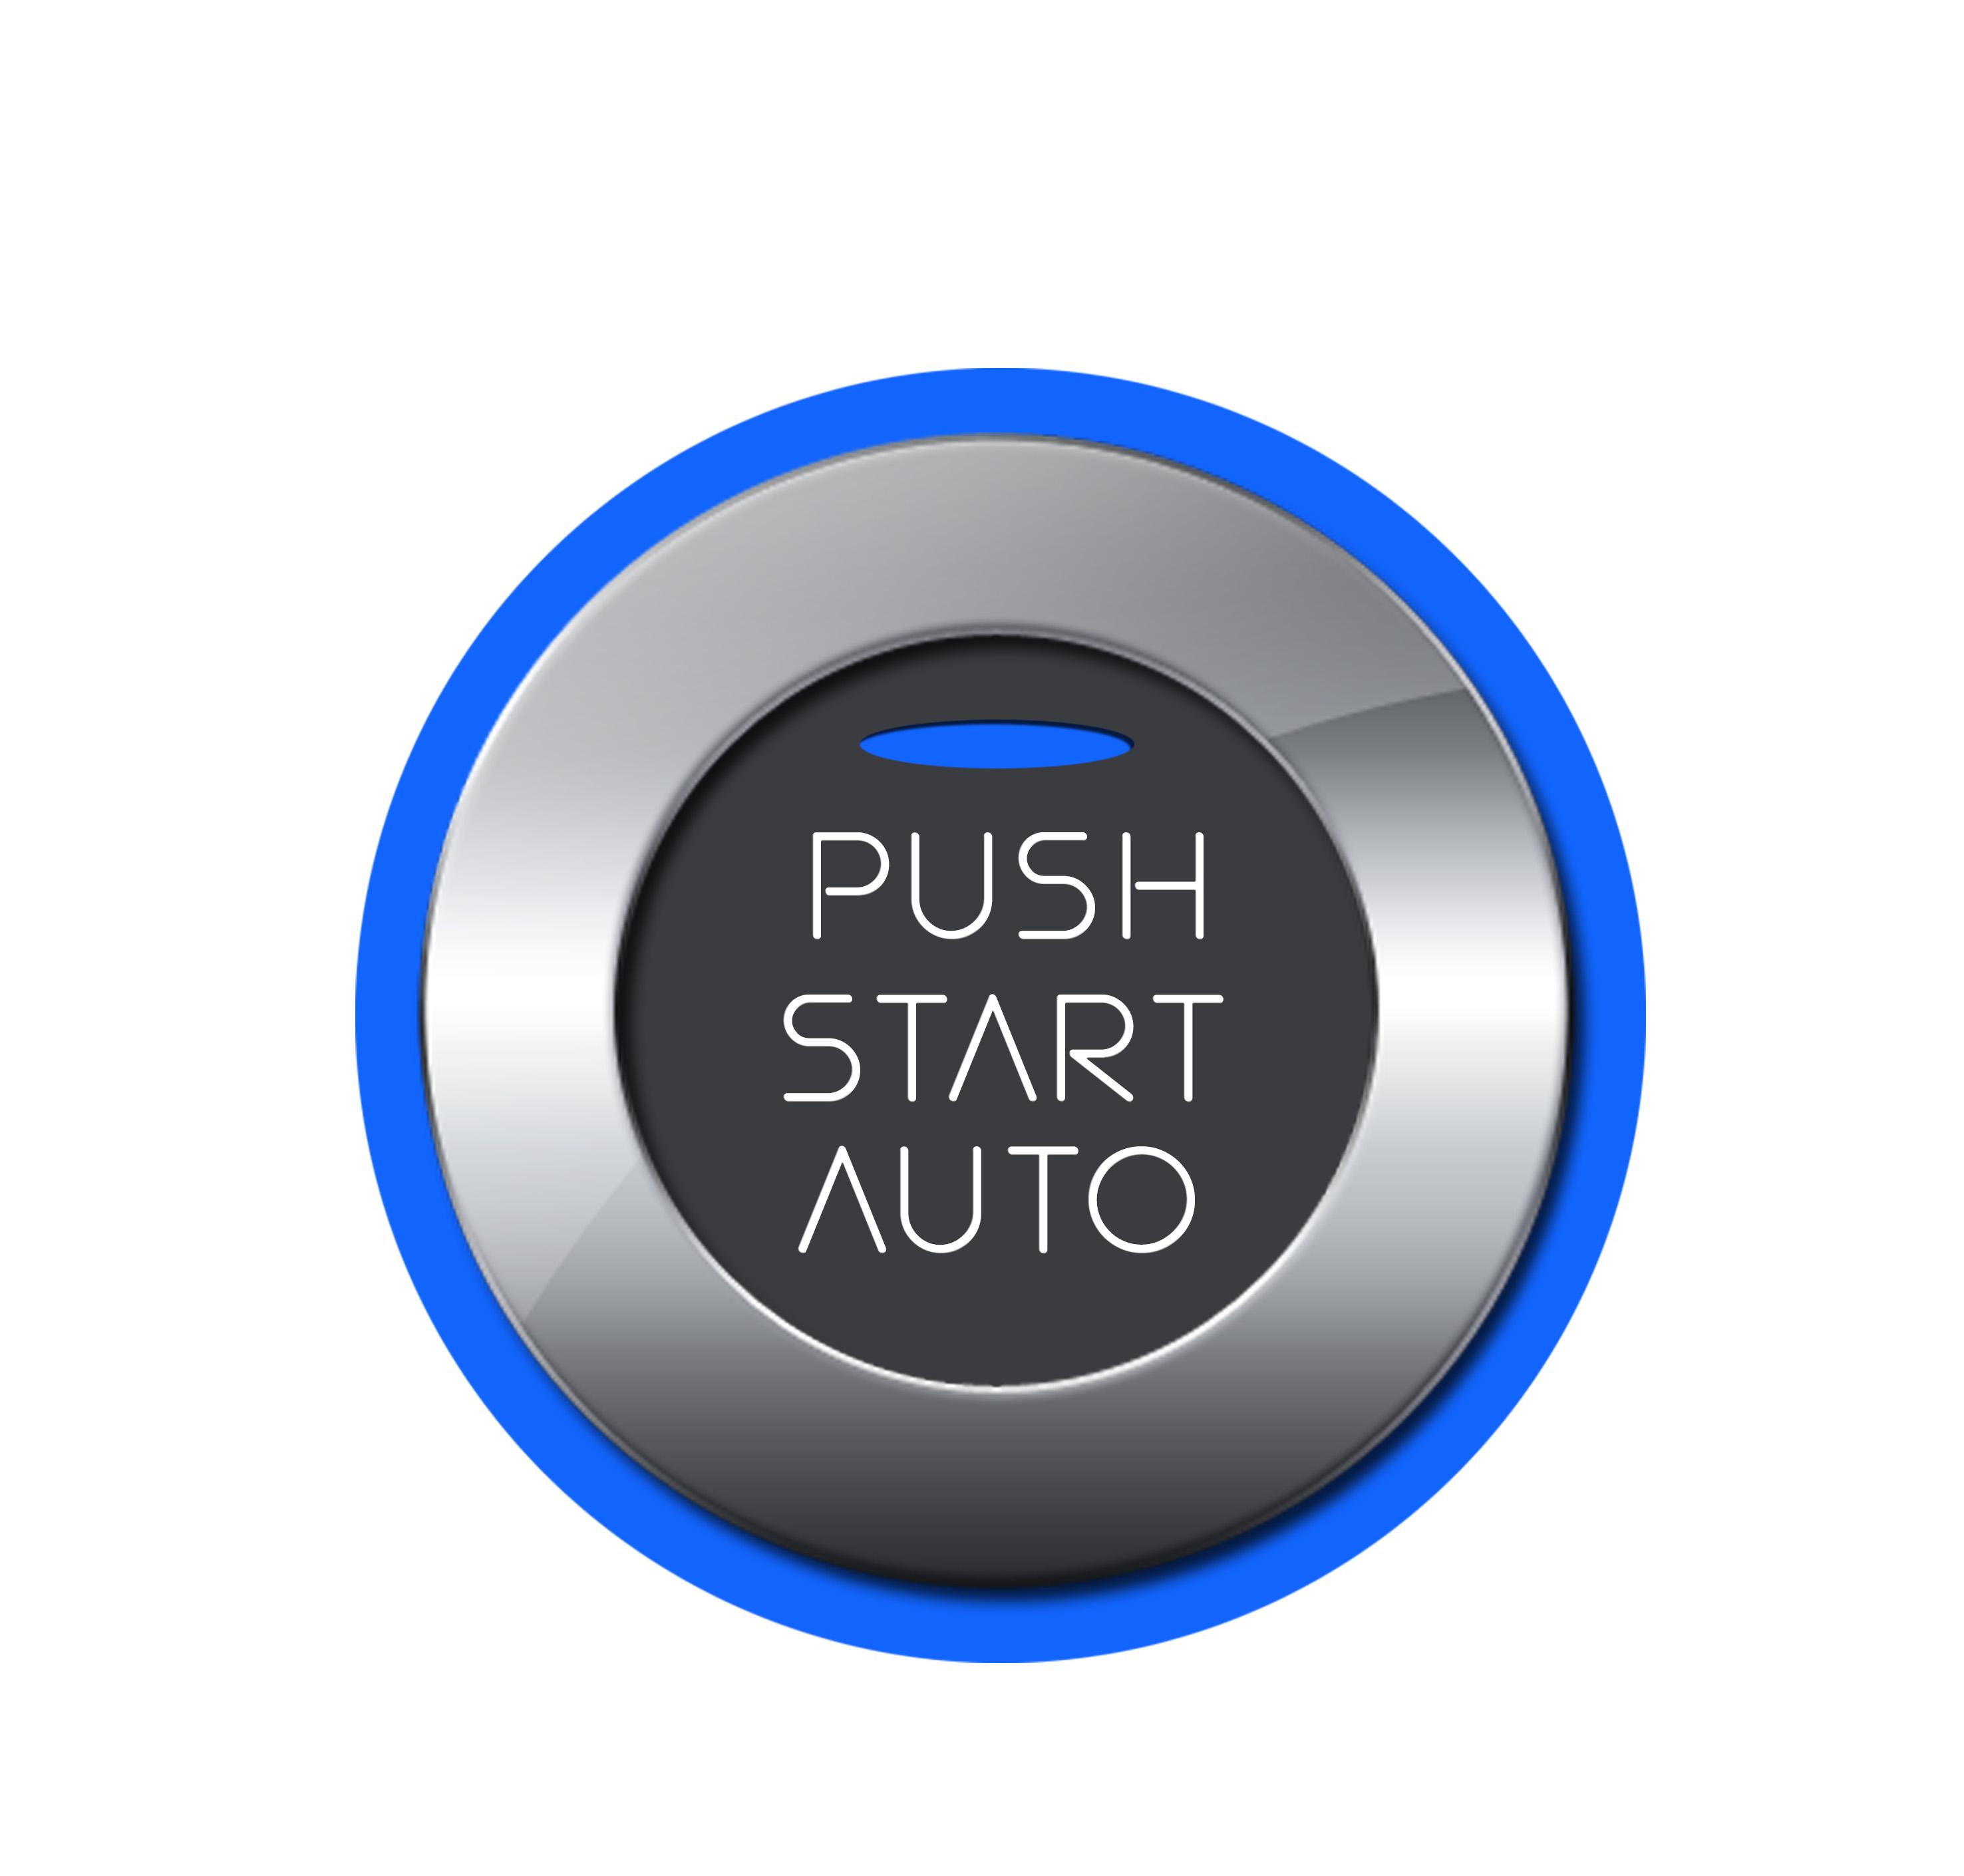 Push Start Auto